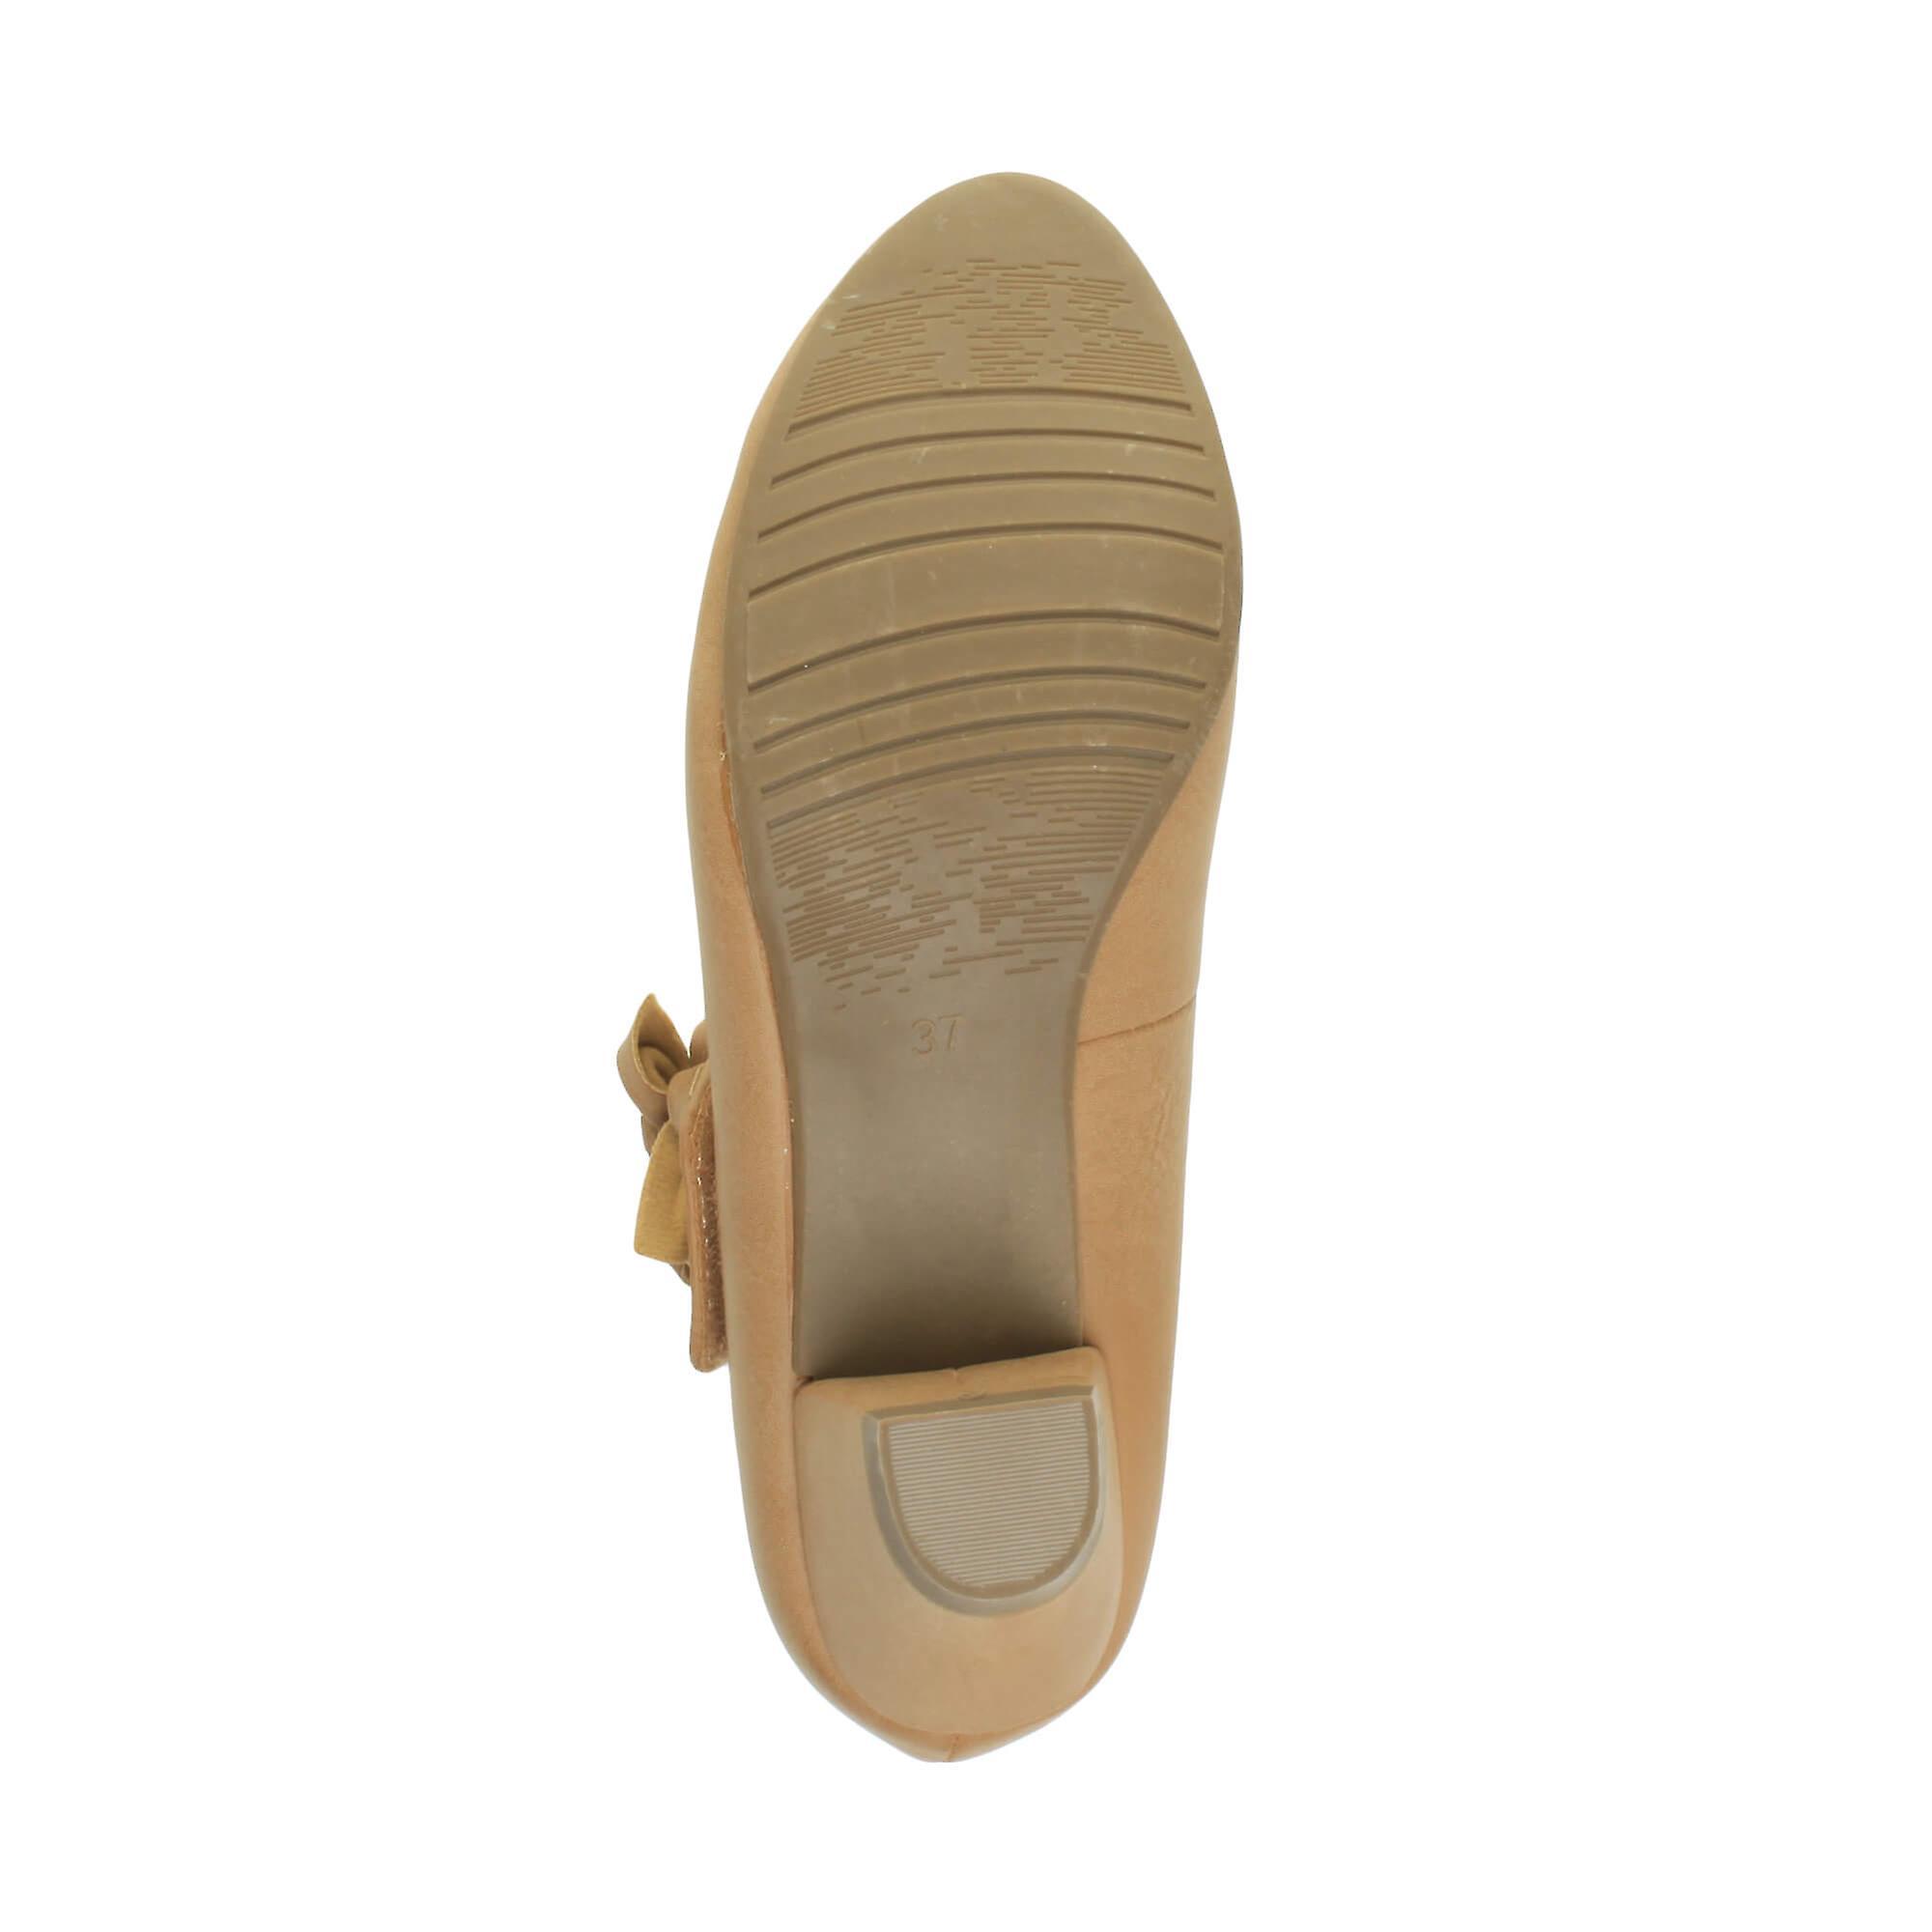 kitten block jane leather low heel court lined style womens mary shoes work Ajvani pumps flower wxaFpn